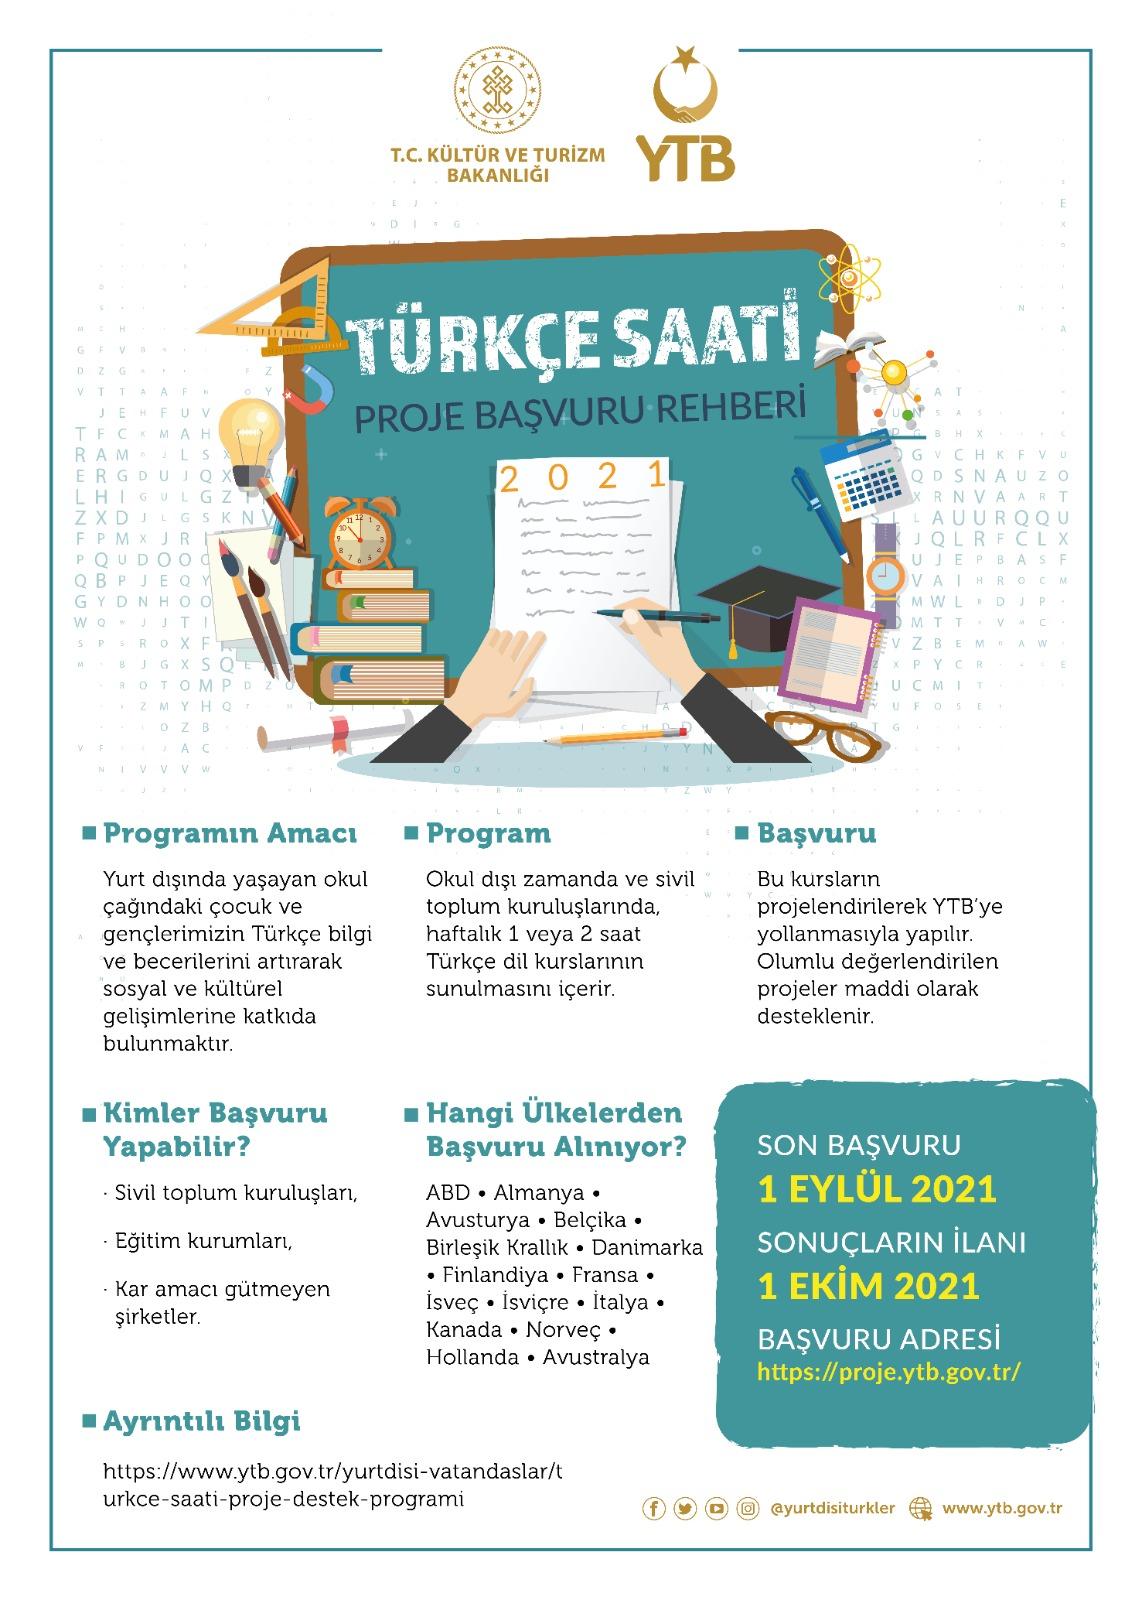 Türkçe Öğreten Kurumlara Destek